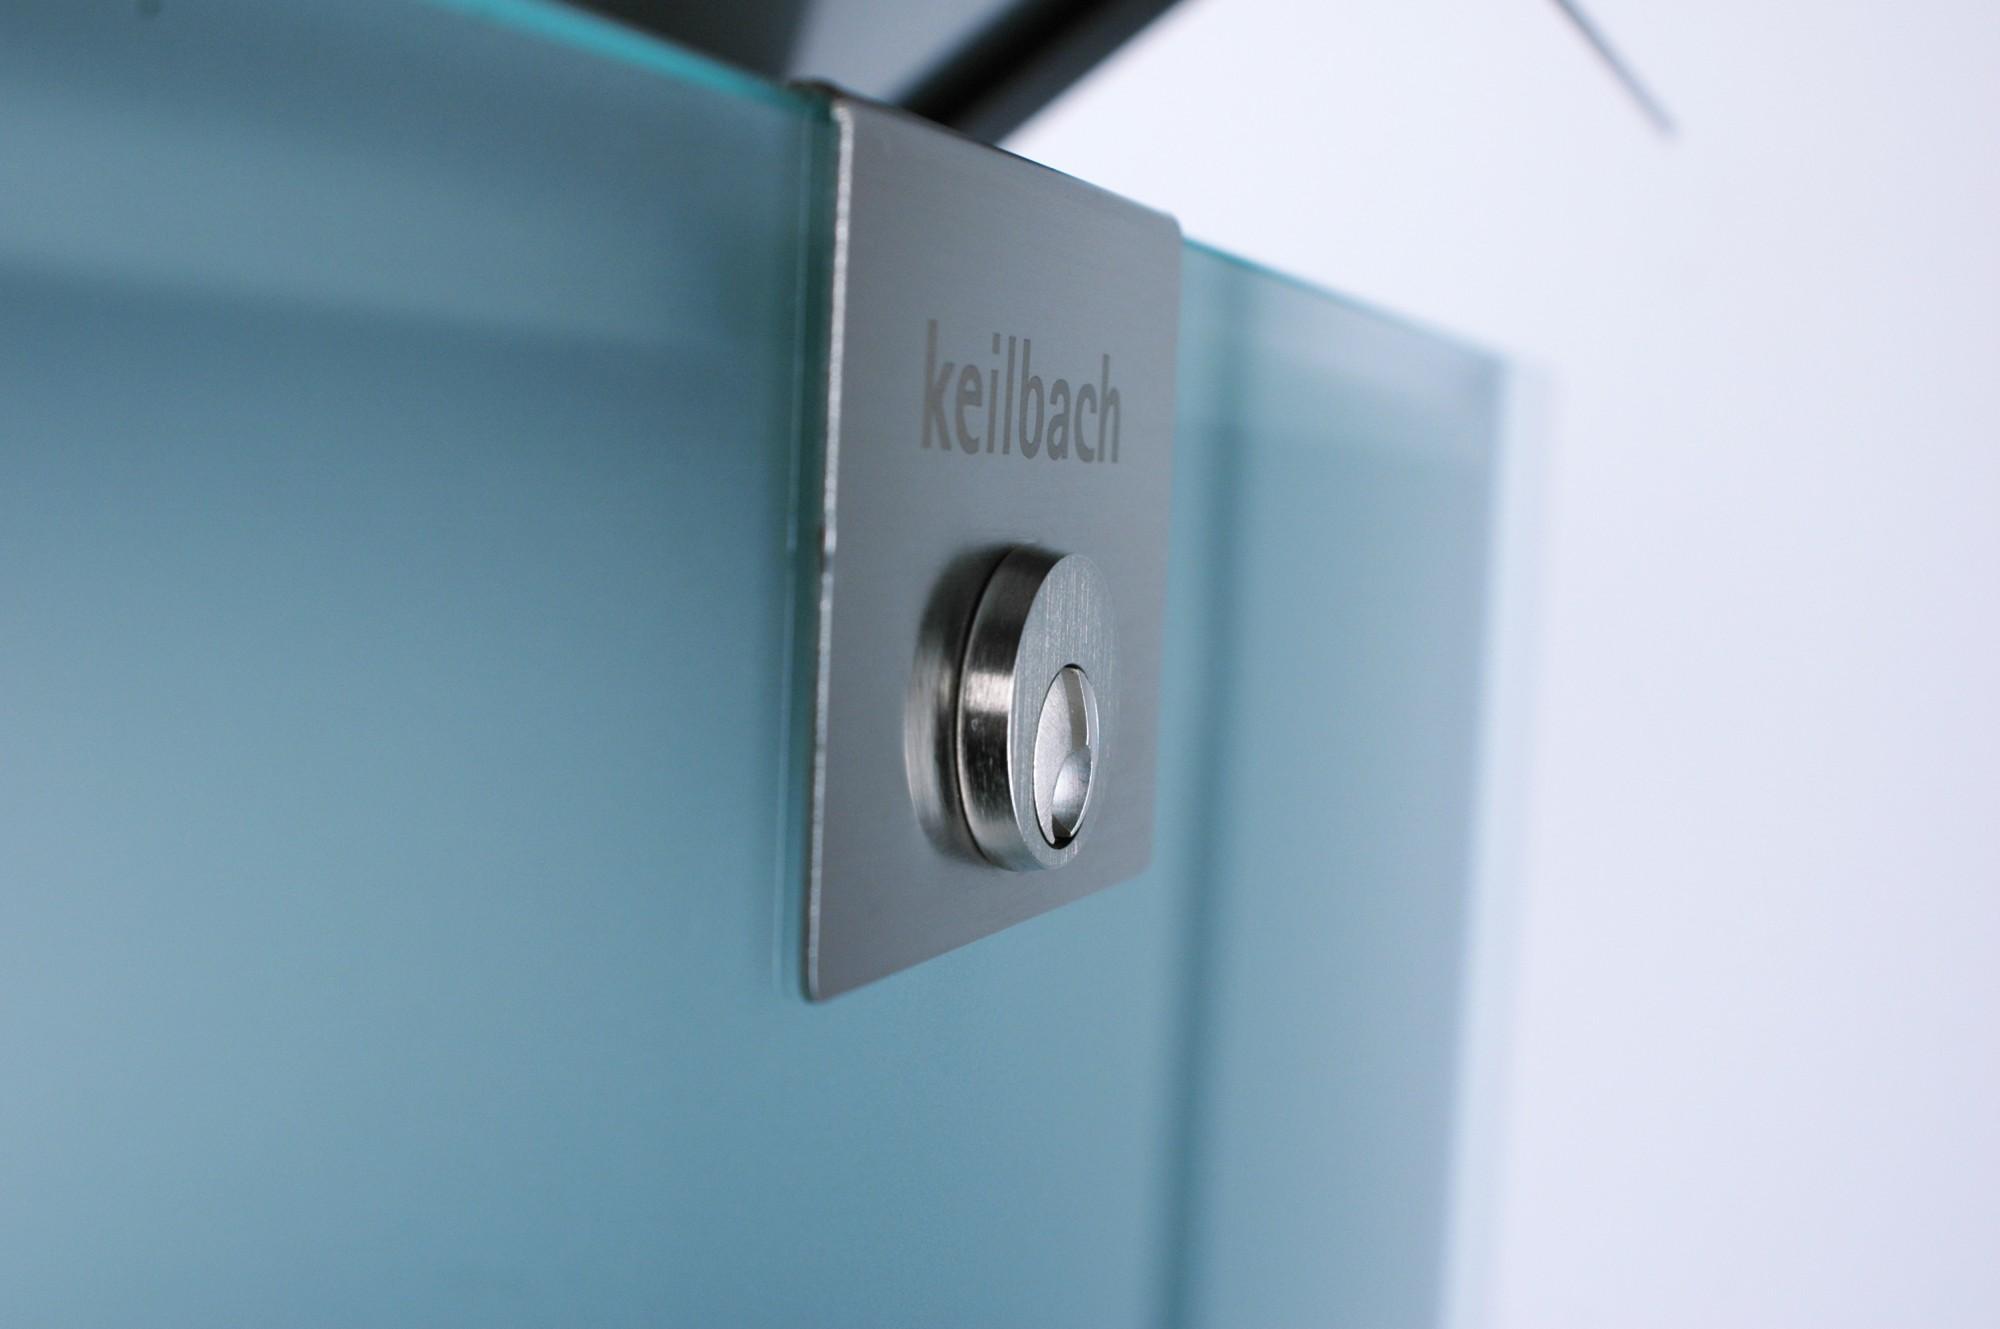 keilbach design briefkasten glasnost glass. Black Bedroom Furniture Sets. Home Design Ideas